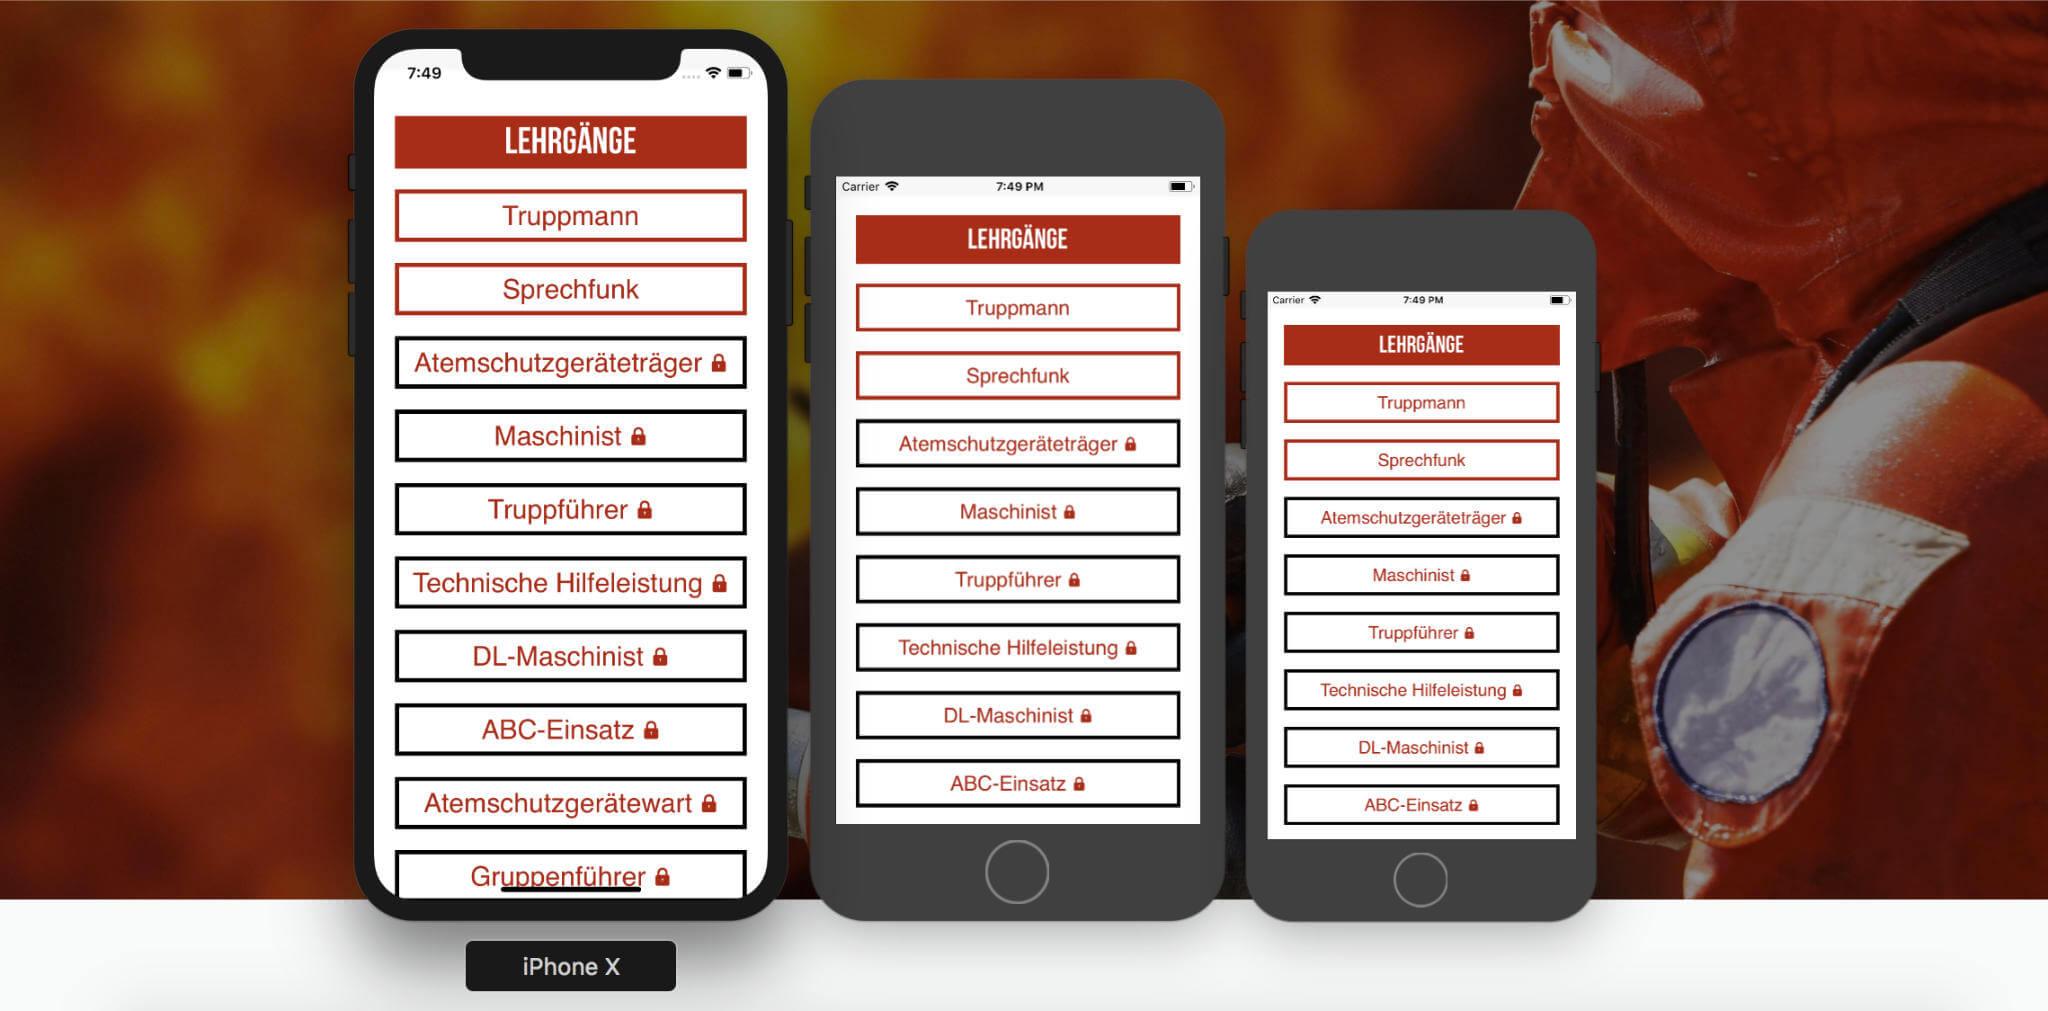 Feuerwehr Apps - Feuerwehr Prüfungshilfe App